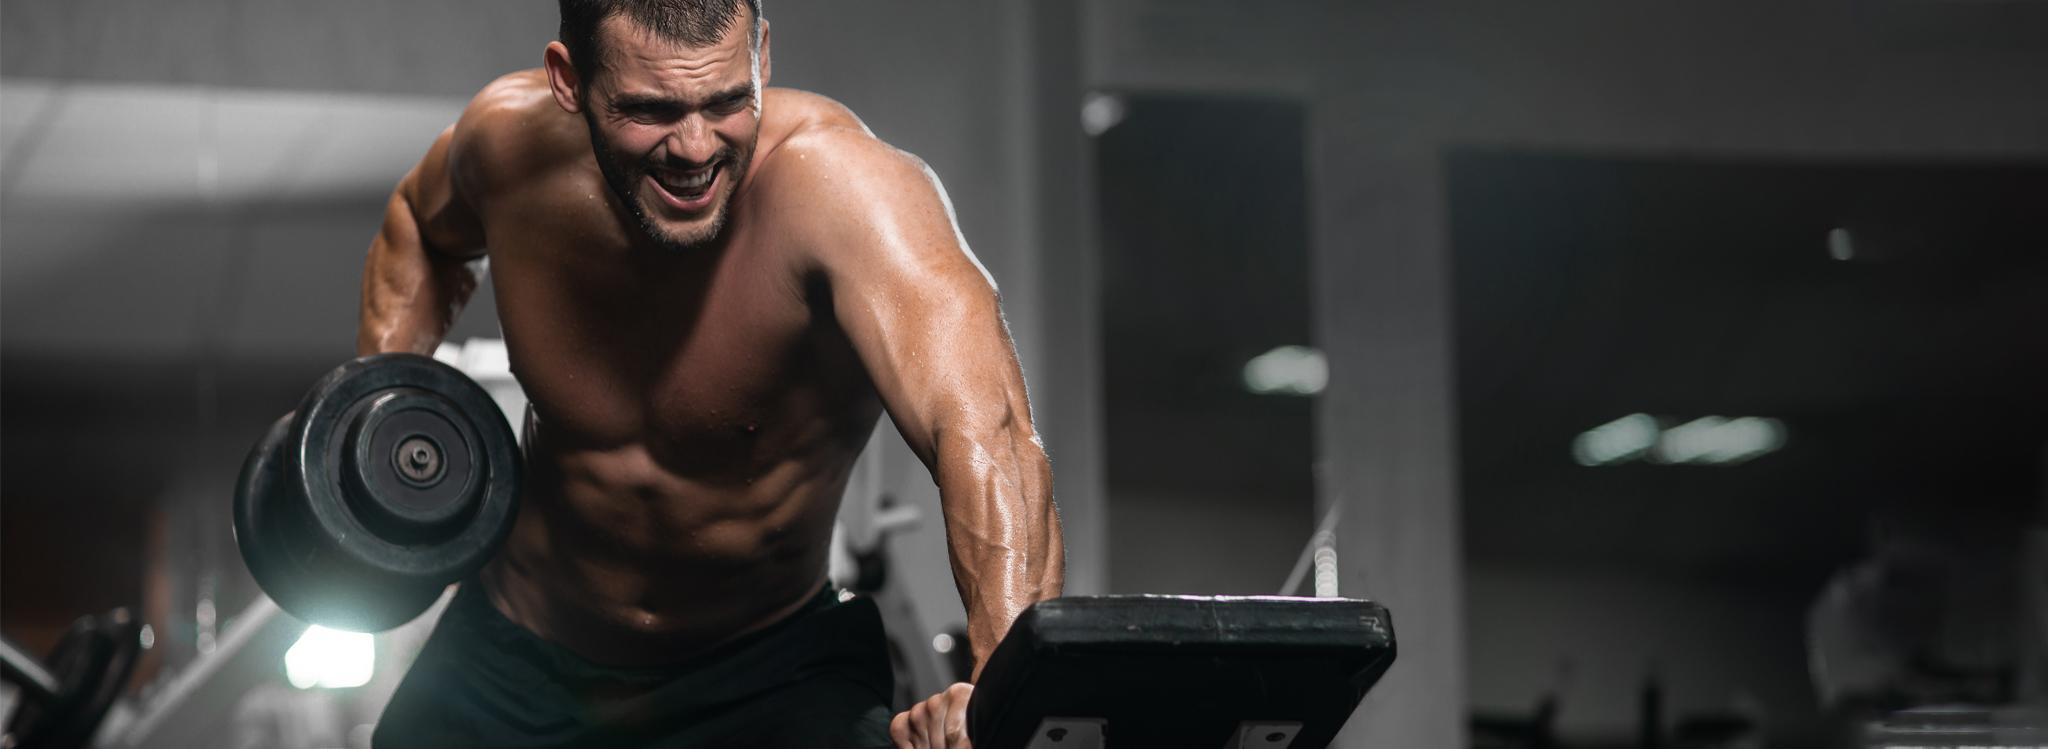 Tìm hiểu cách tăng cân nhanh không dùng thuốc hiệu quả nhất cho gầy lâu năm qau bài viết dưới đây nhé